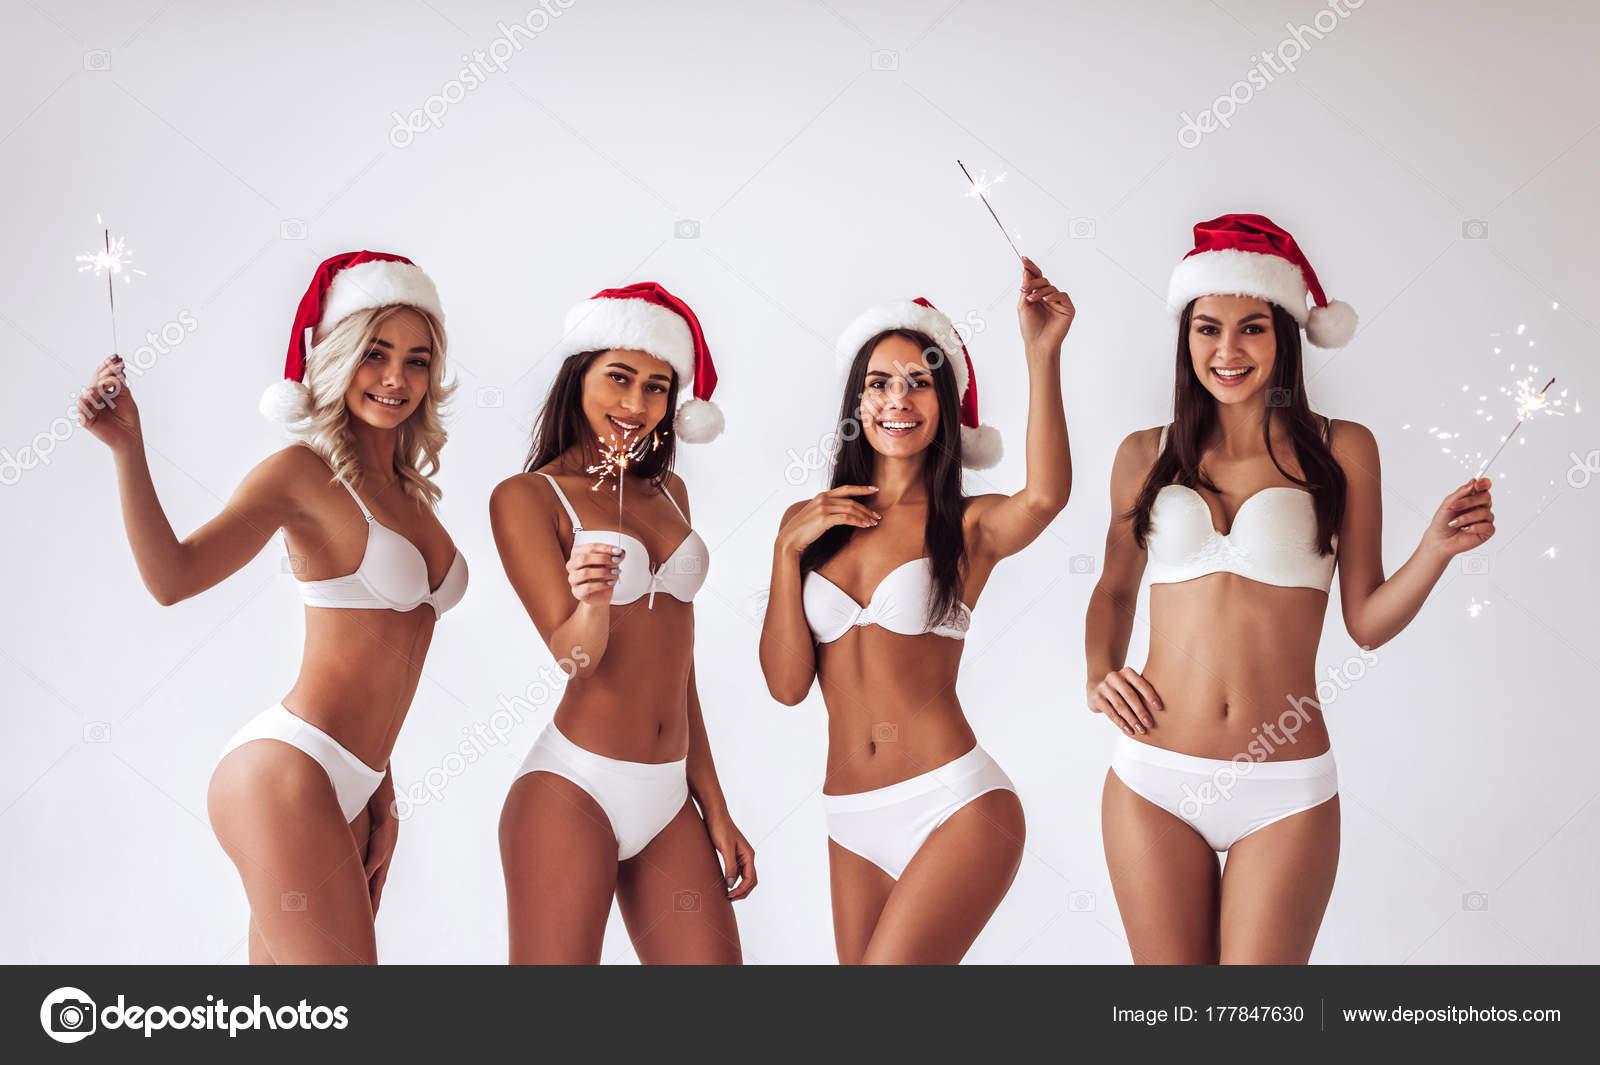 Група молодих сексуальна багаторасові жінка в білому білизна постановки на  білому тлі в Санта-Клауса капелюхи. Новорічні та різдвяні святкування —  Фото від ... e37d53fb3ccbb